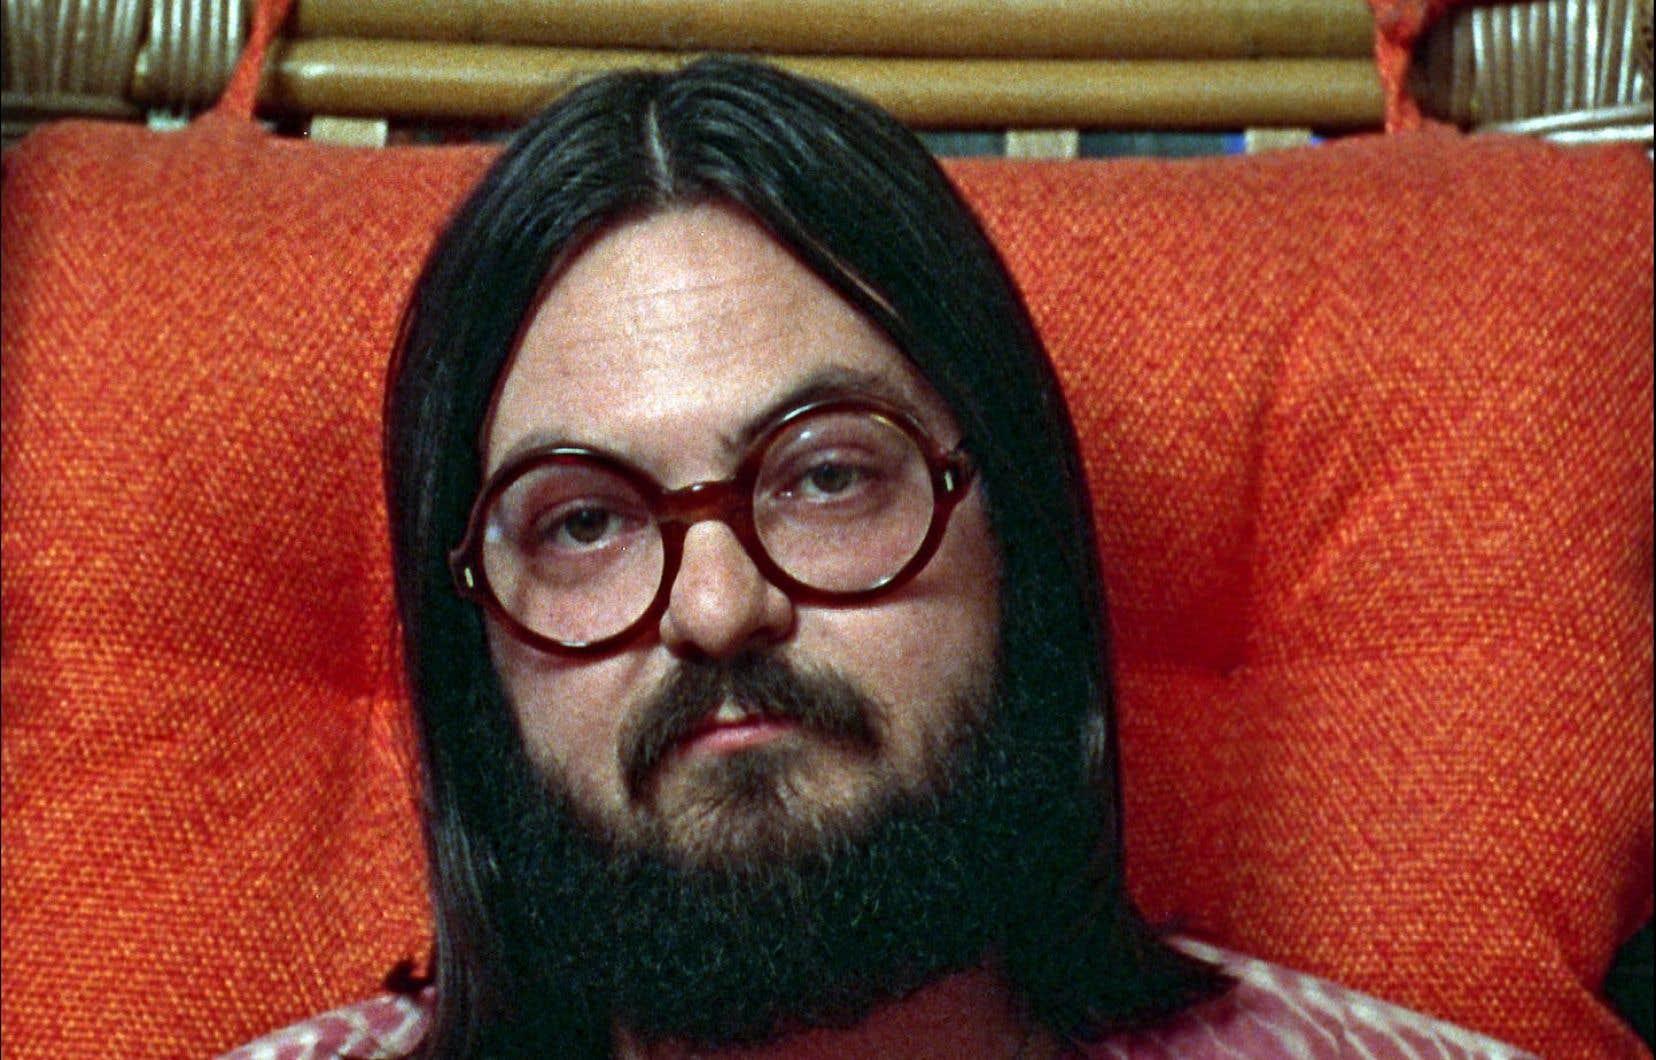 L'écrivain québécois Michel Tremblay apparaît dans le film d'essai «La part du Diable» de Luc Bourdon.